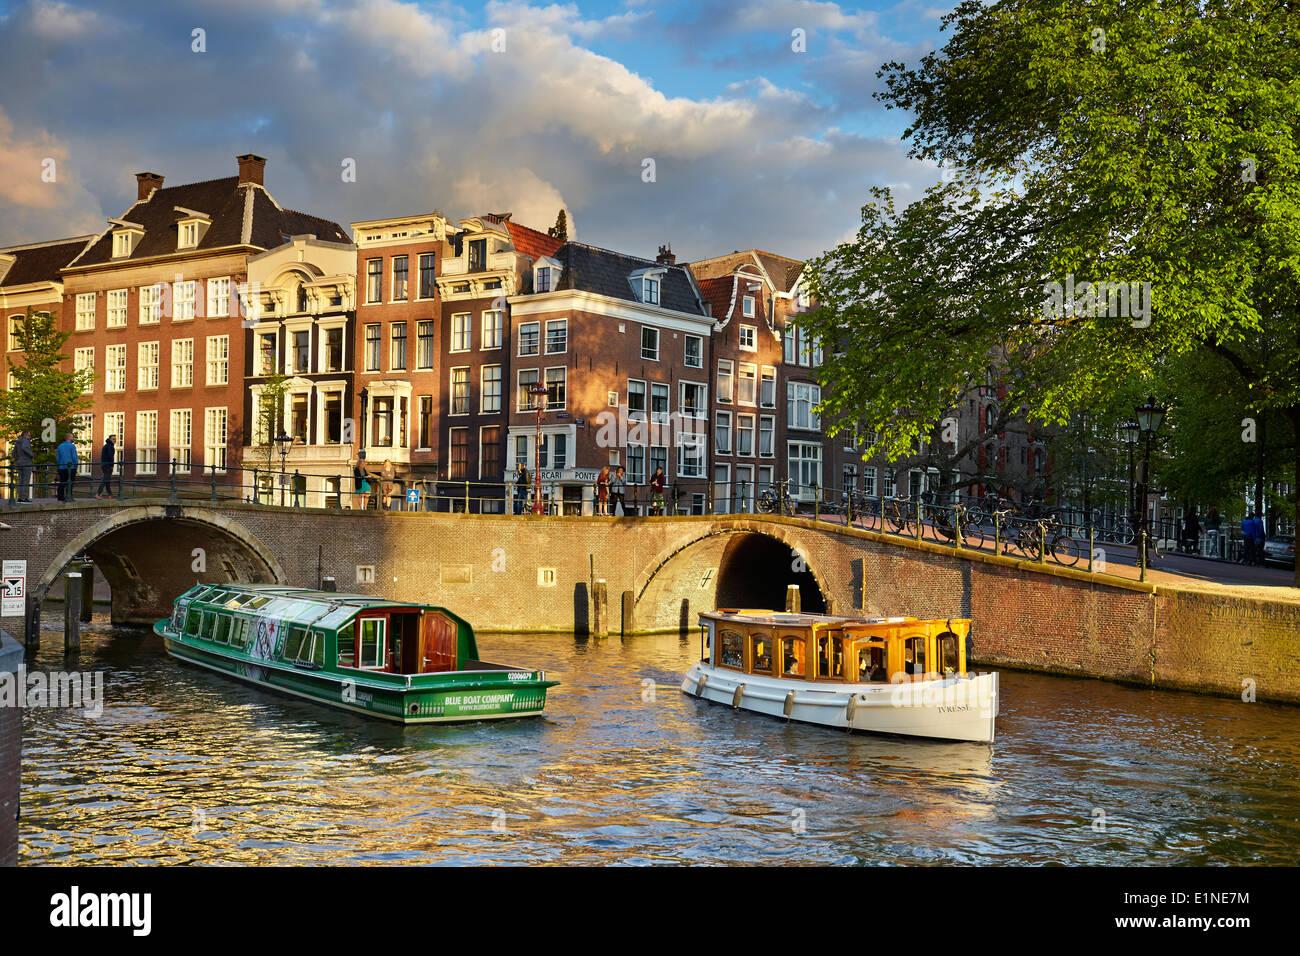 Barco turístico puente en Amsterdam, Países Bajos - Holanda canal Imagen De Stock